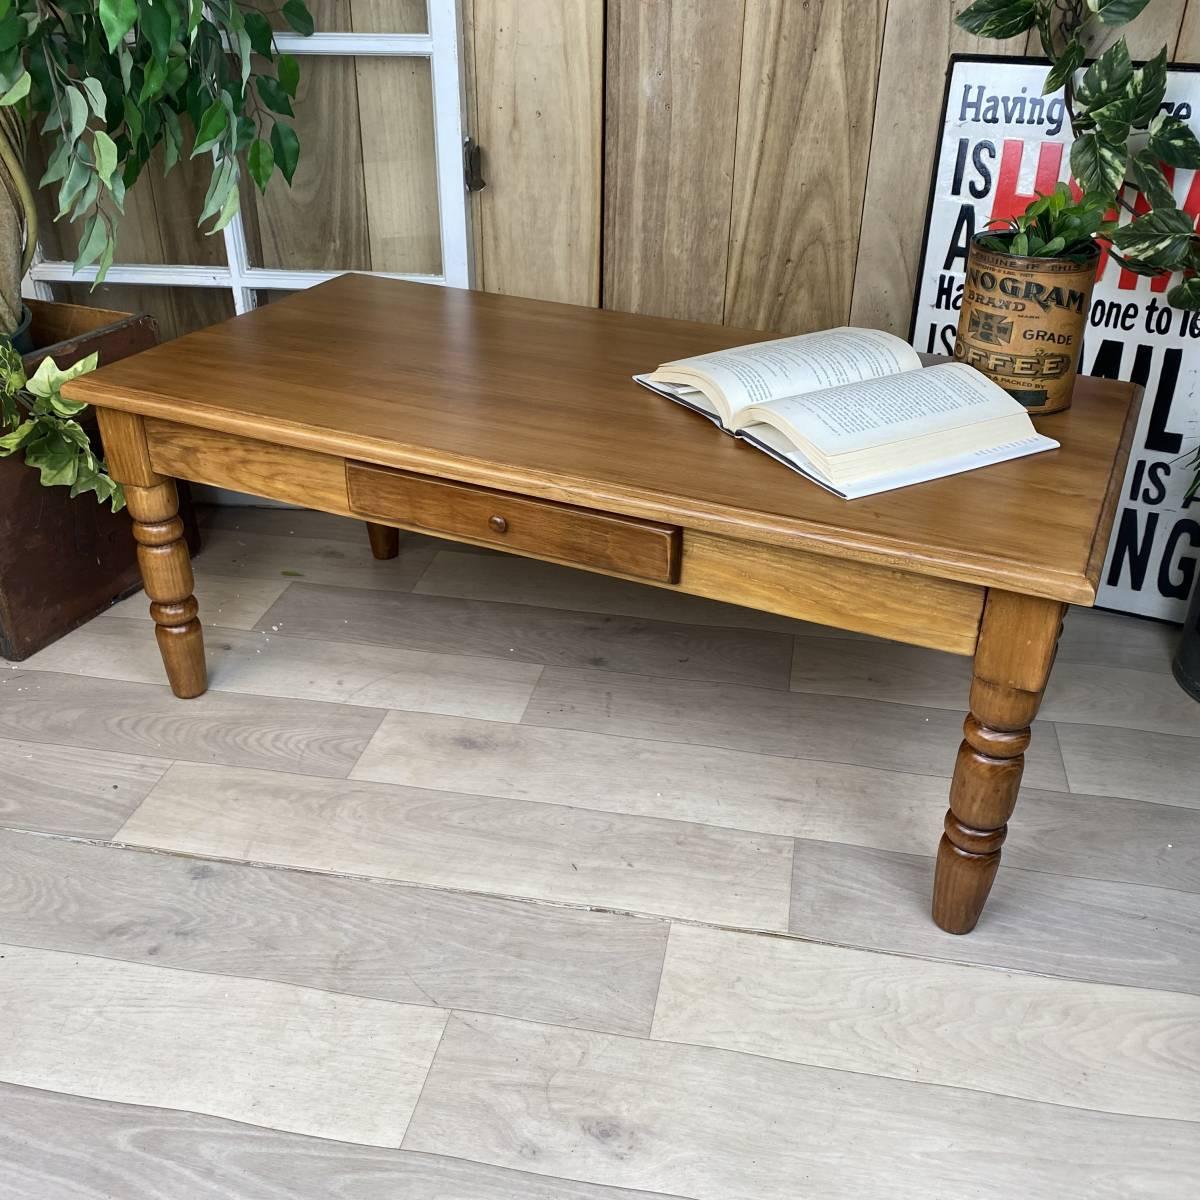 送料無料、カントリー北欧風アンティーク調パイン材チェストテーブル☆木製松材材天然無垢材、デスク、机、引き出し付き、座卓、置き台_画像1